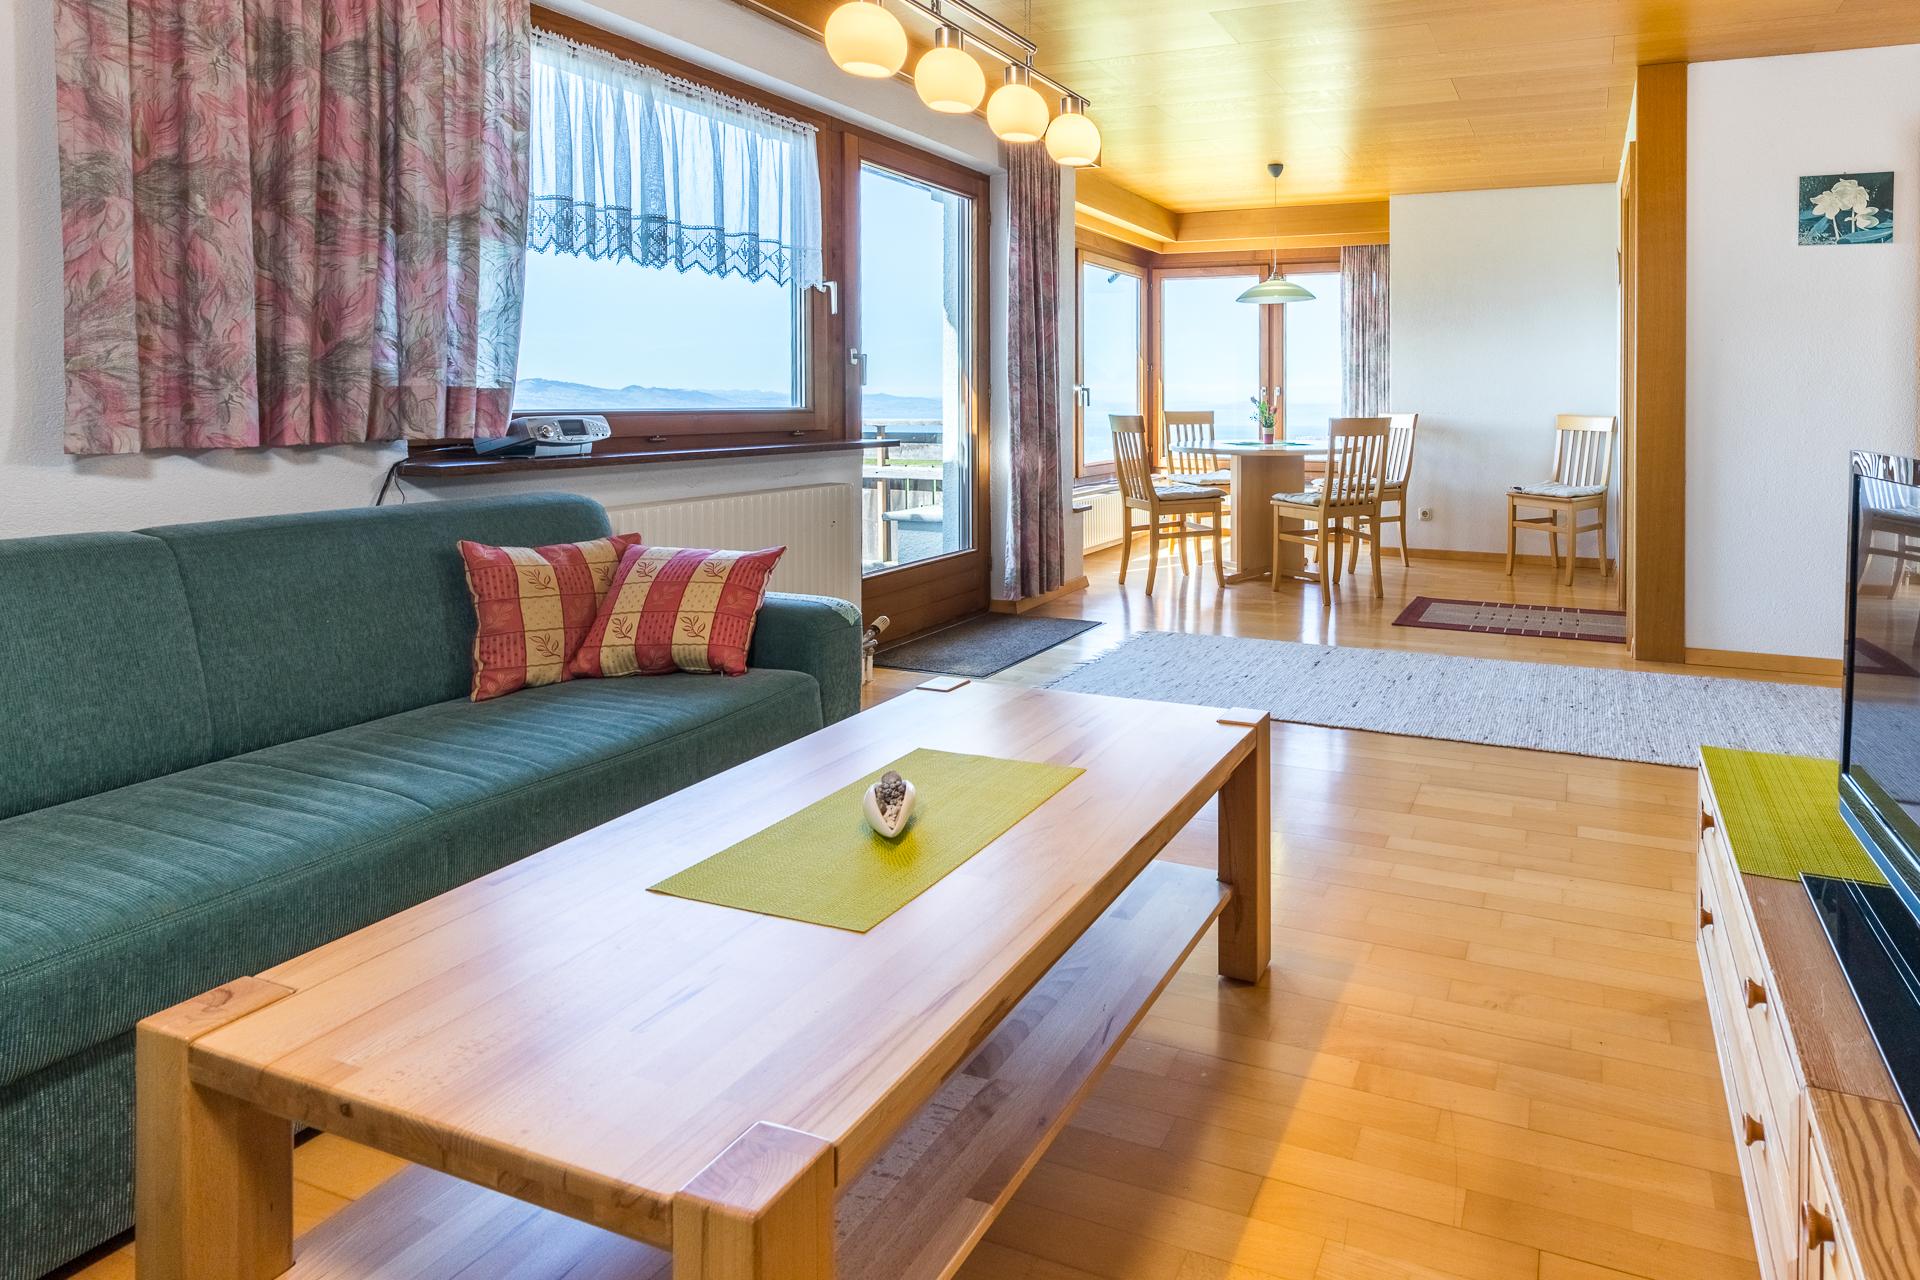 Appartement de vacances Haus Margit (Eichenberg). Große Ferienwohnung (2401564), Eichenberg (AT), Bregenz, Vorarlberg, Autriche, image 10